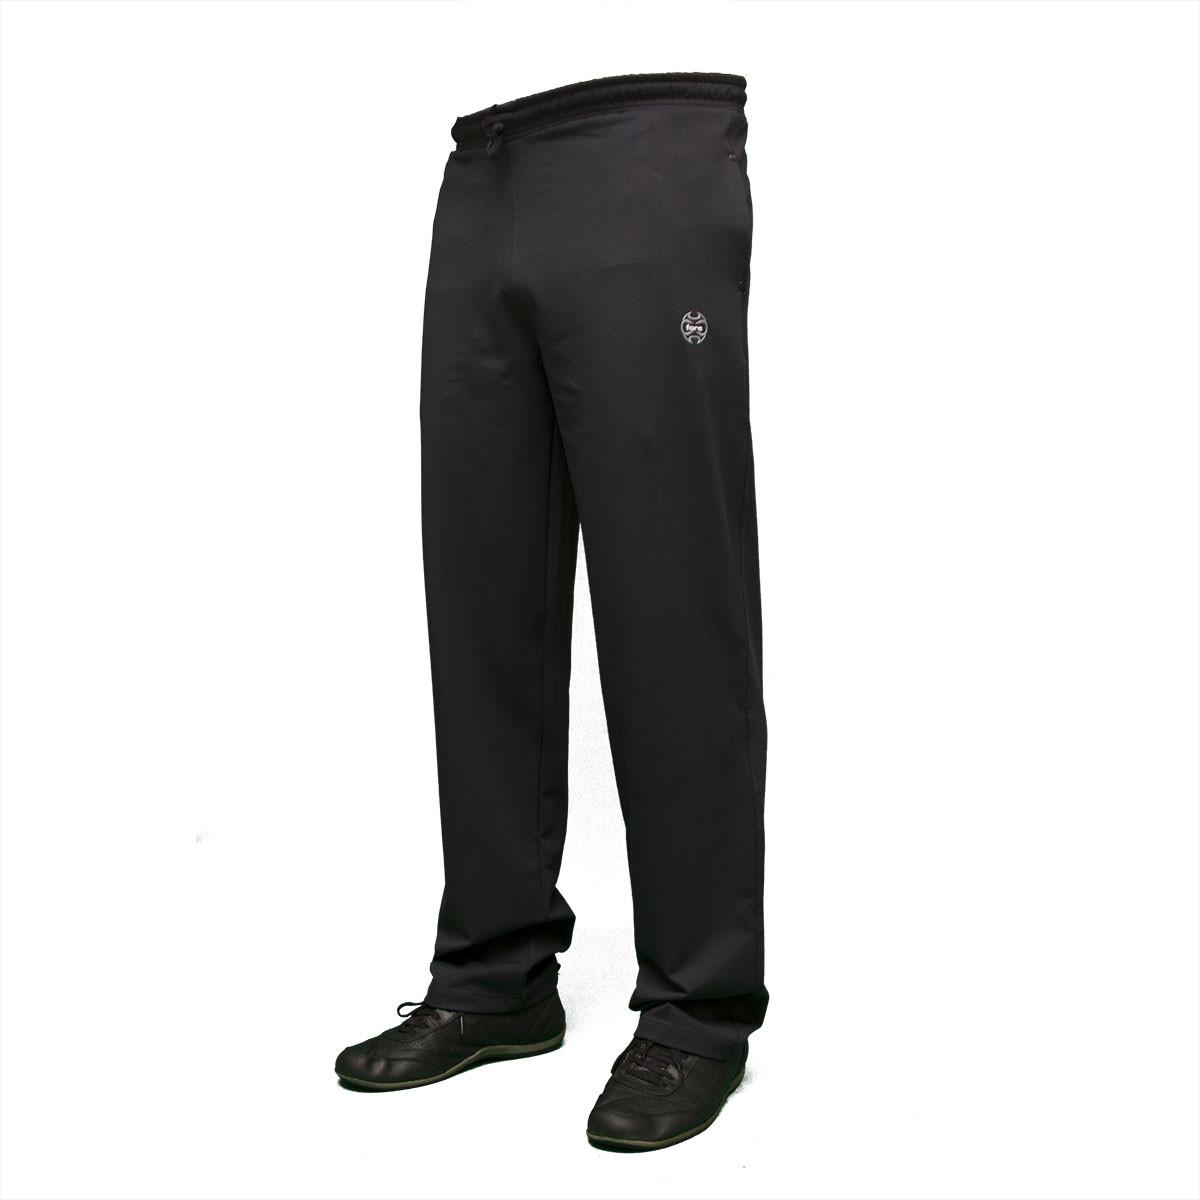 Фабричные турецкие спортивные штаны низкие цены тм. FORE арт.3023-2